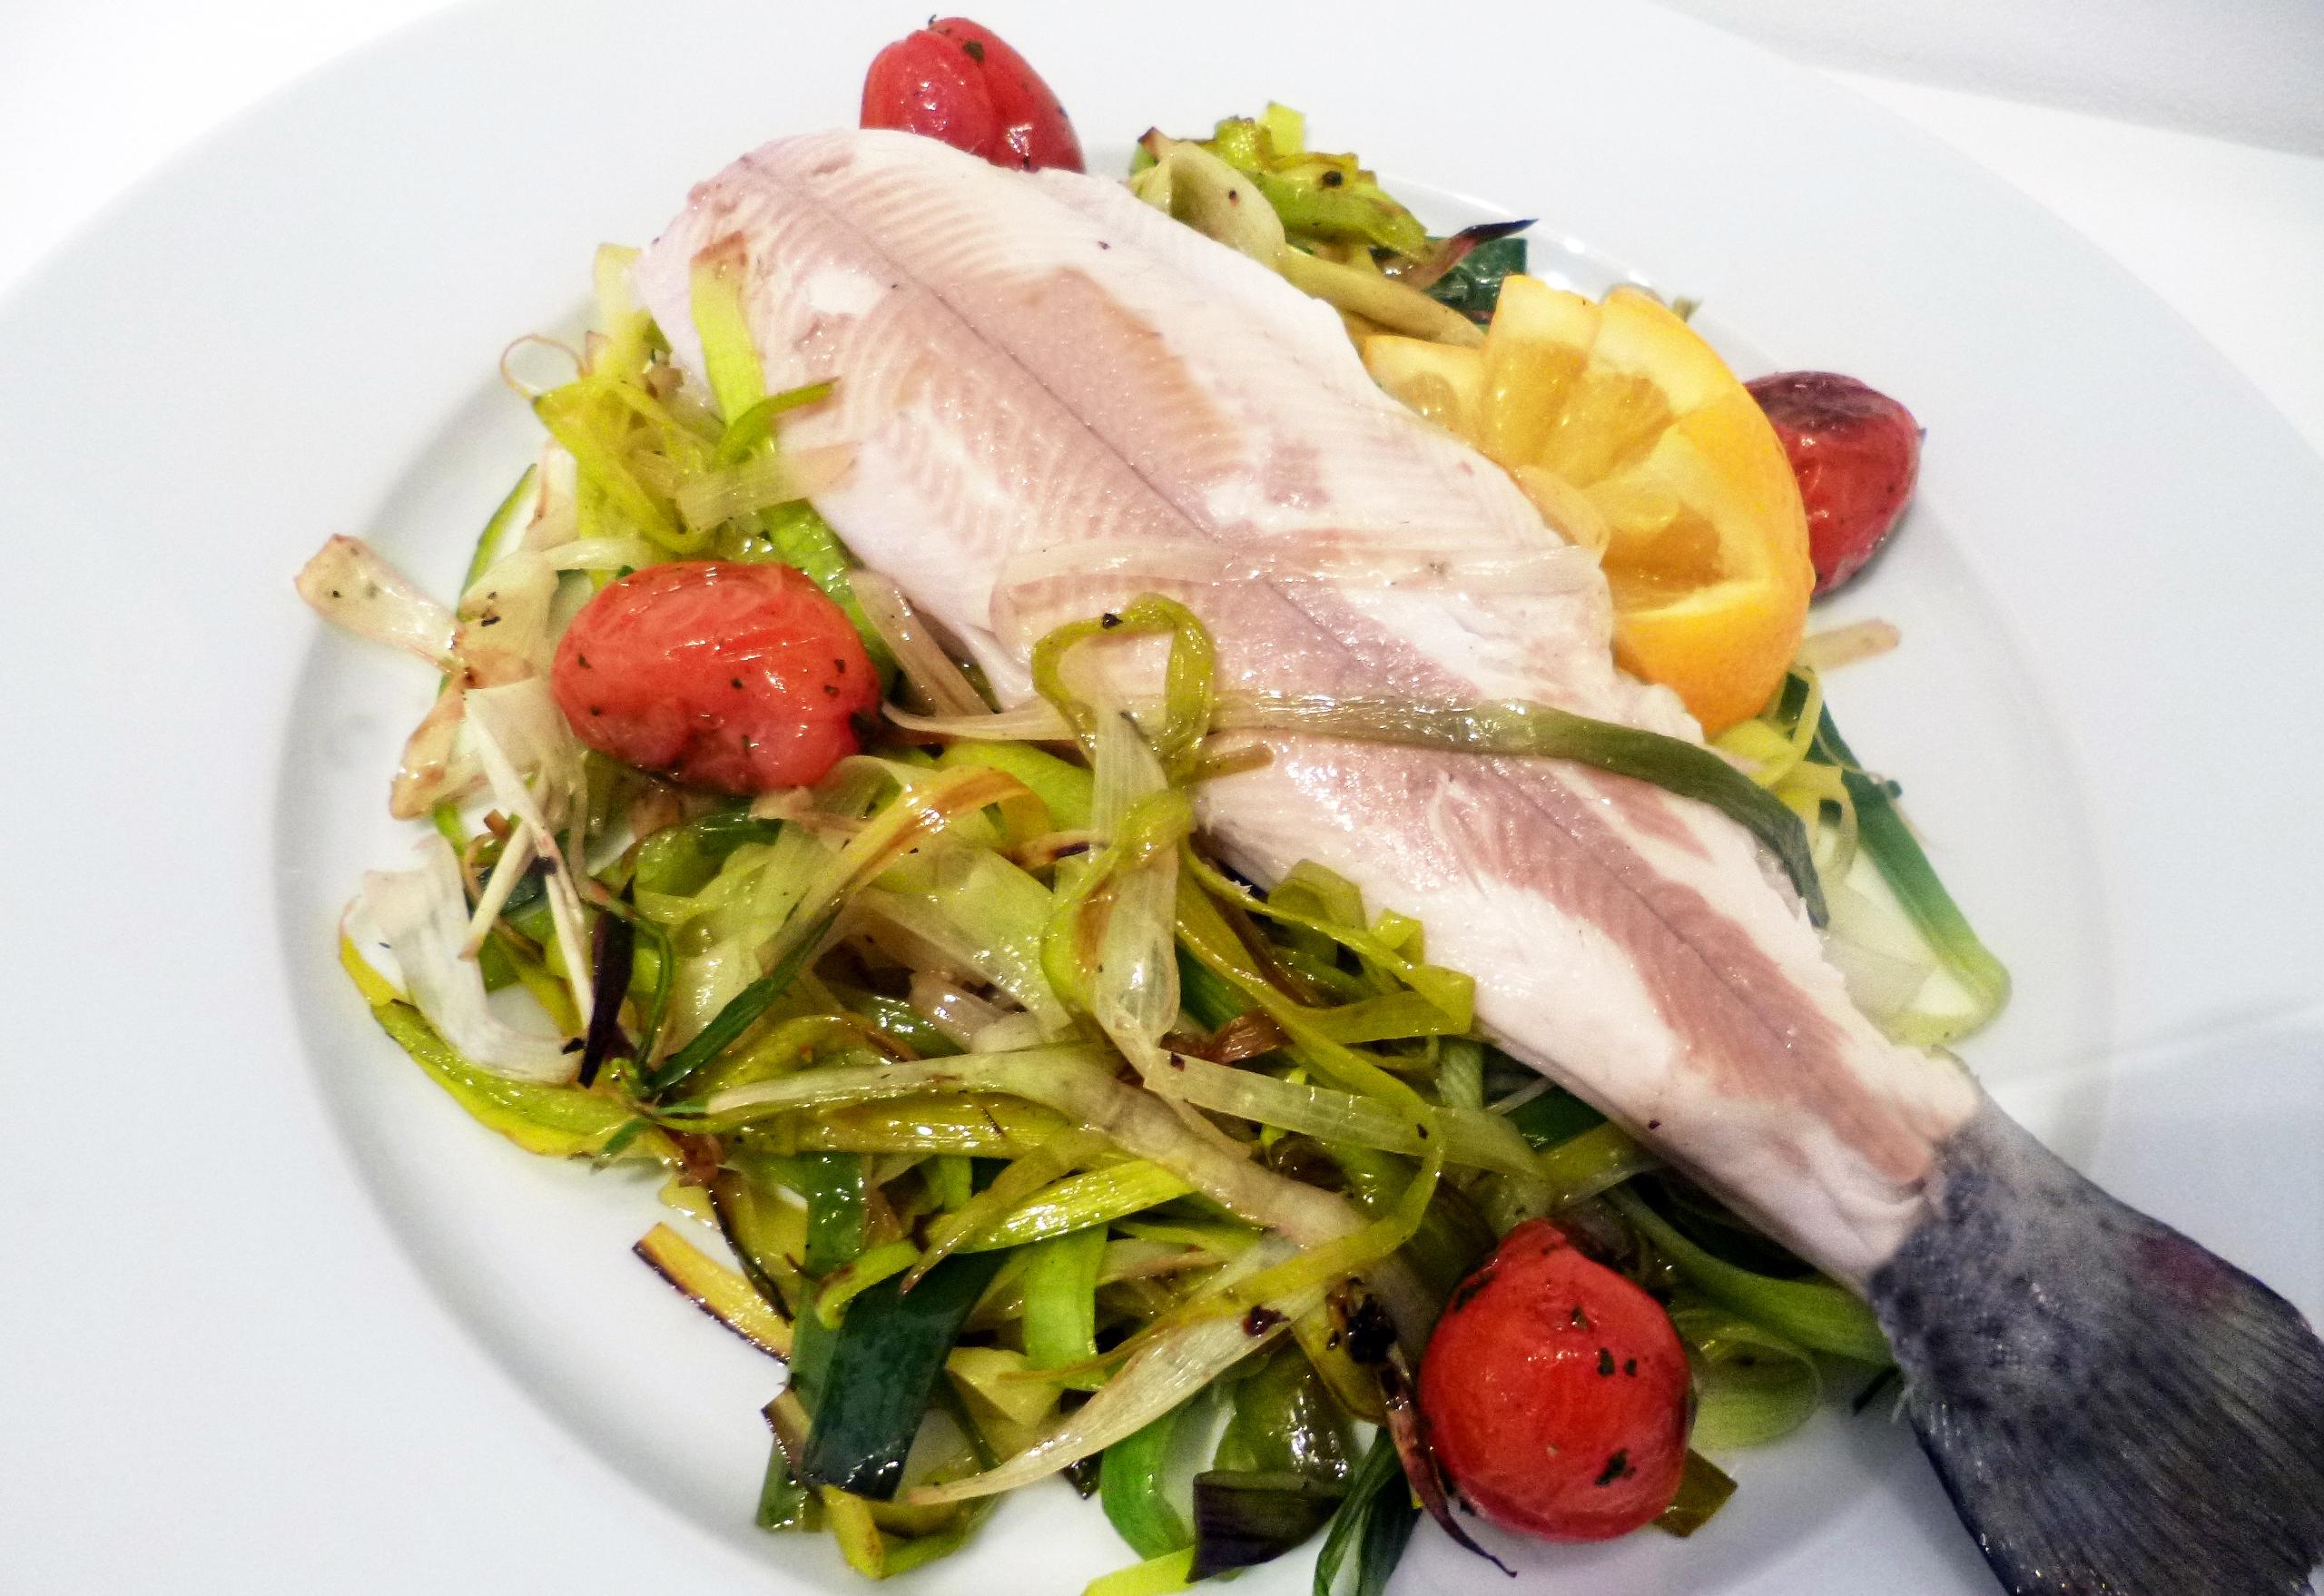 Truites la plancha la recette facile par toqu s 2 cuisine - Faire une plancha entre amis ...